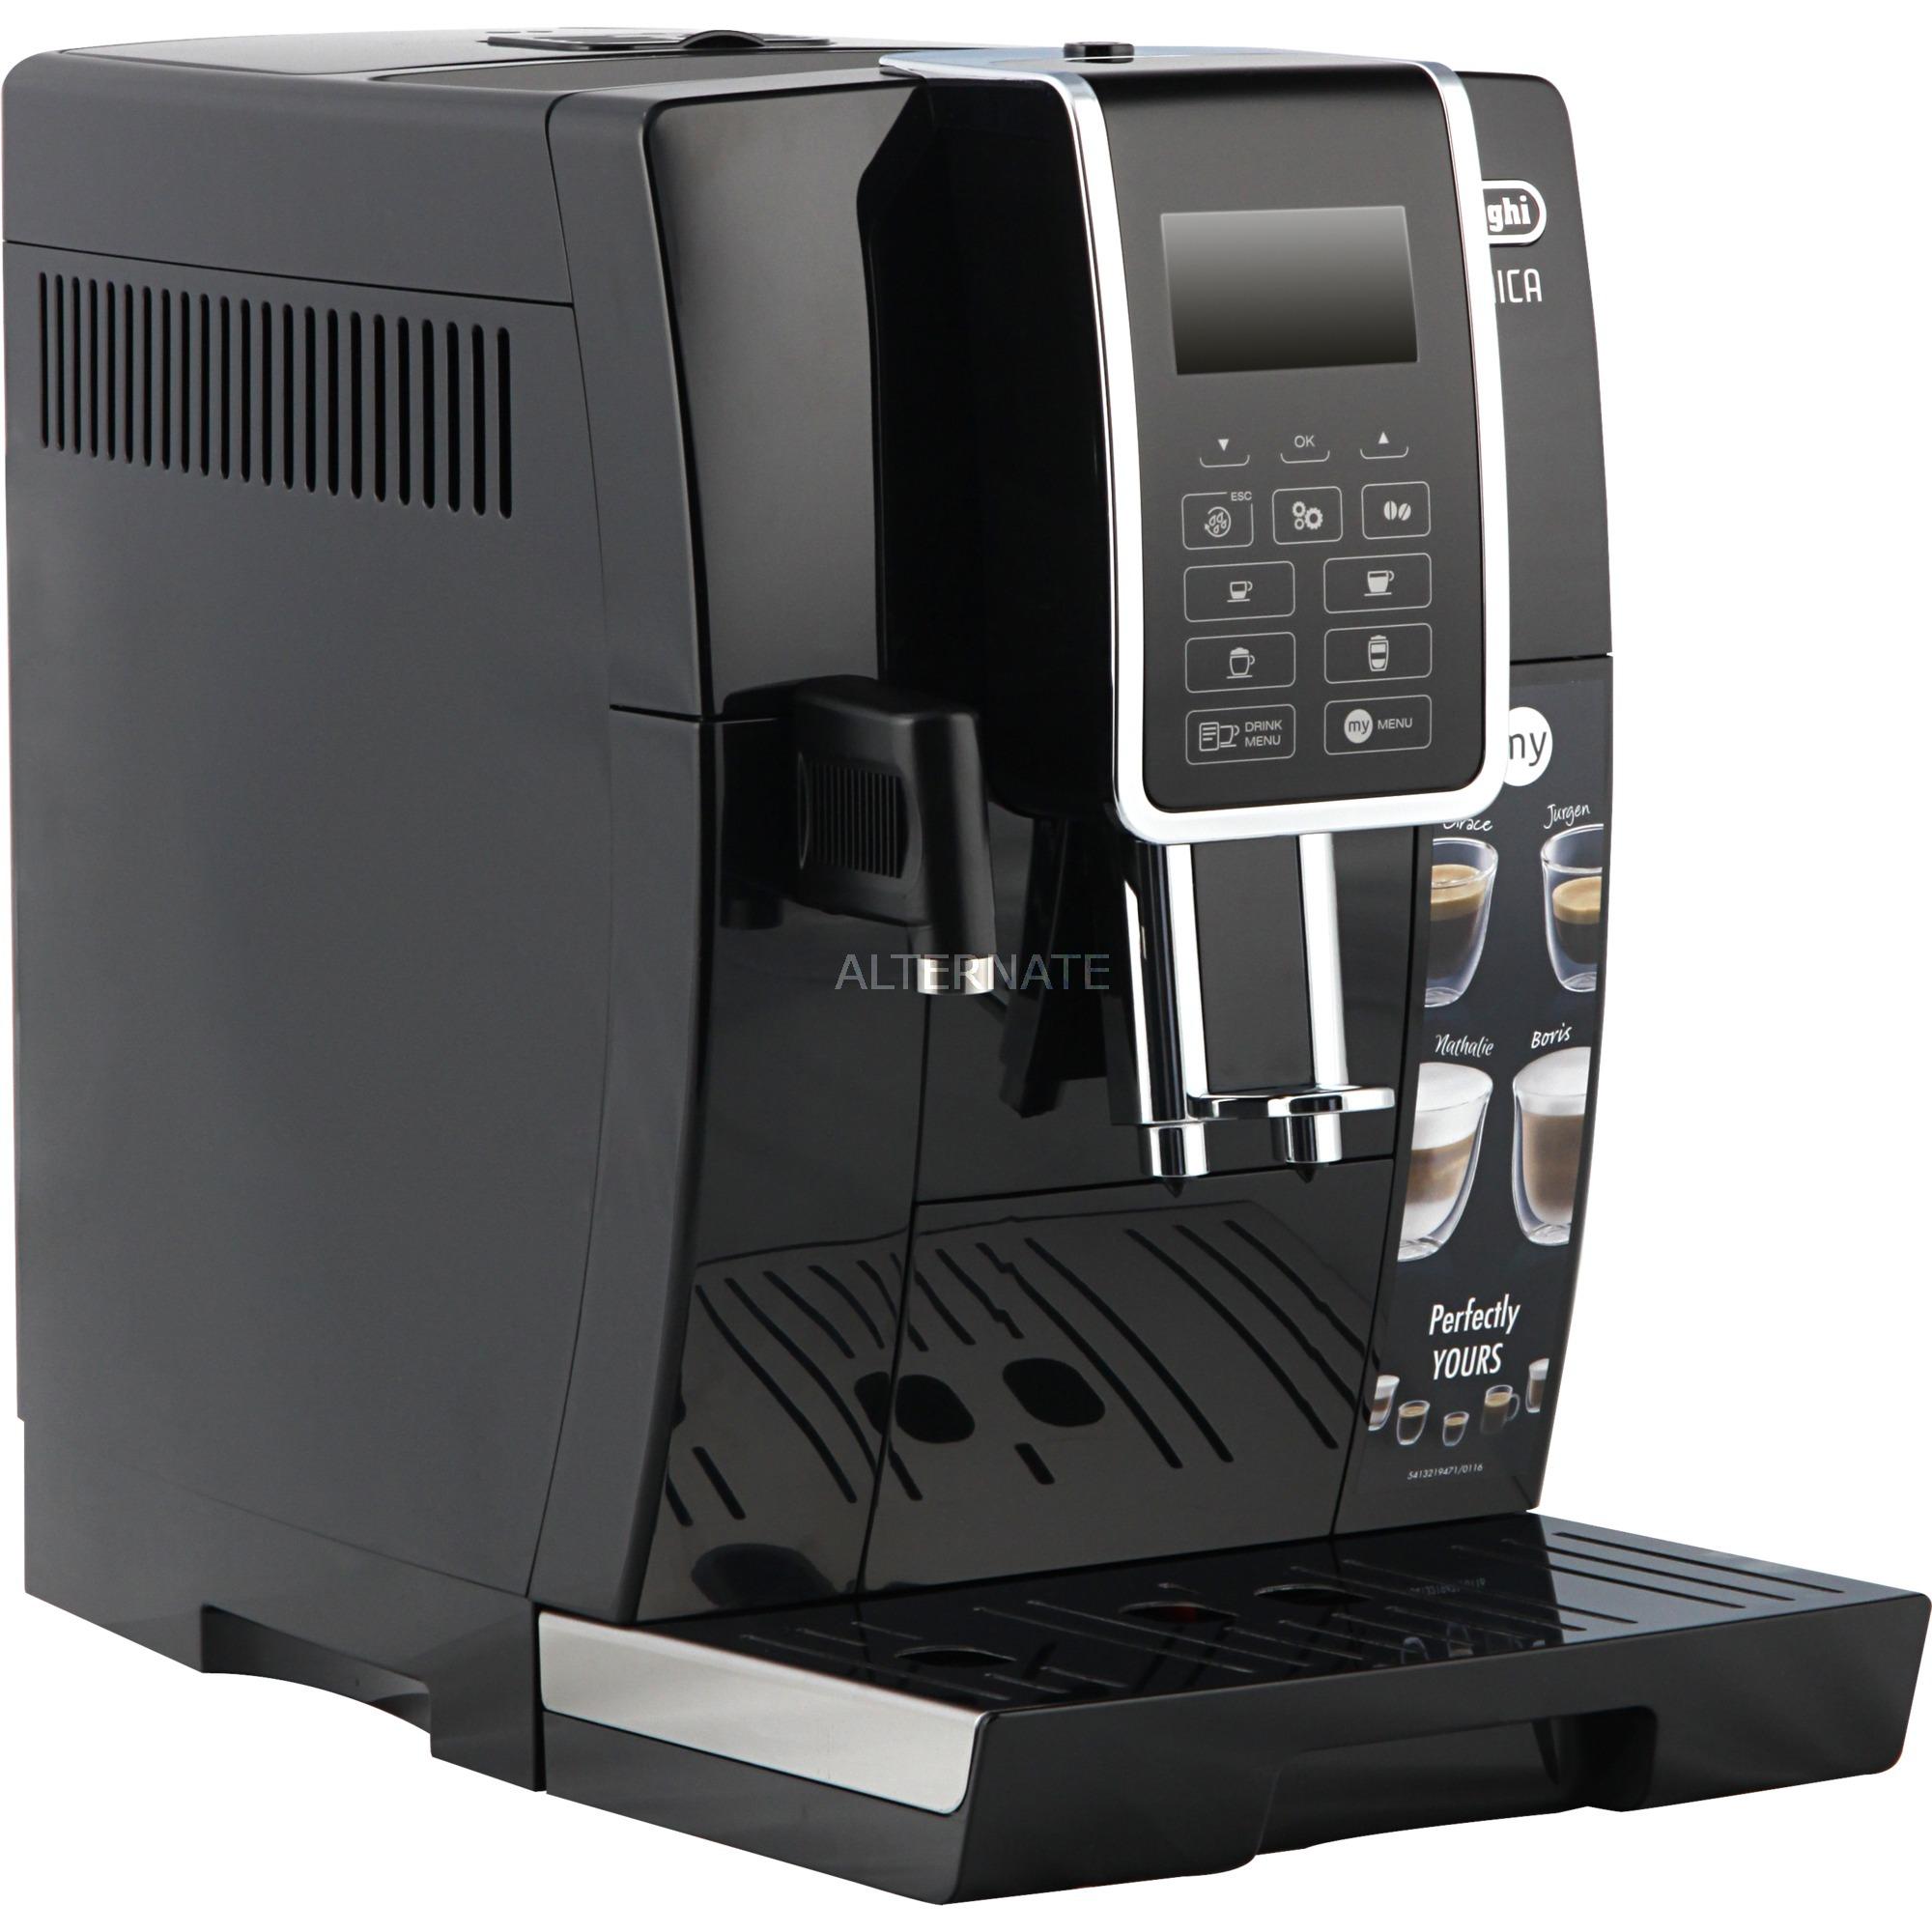 DINAMICA ECAM 350.55.B Encimera Máquina espresso Totalmente automática, Superautomática